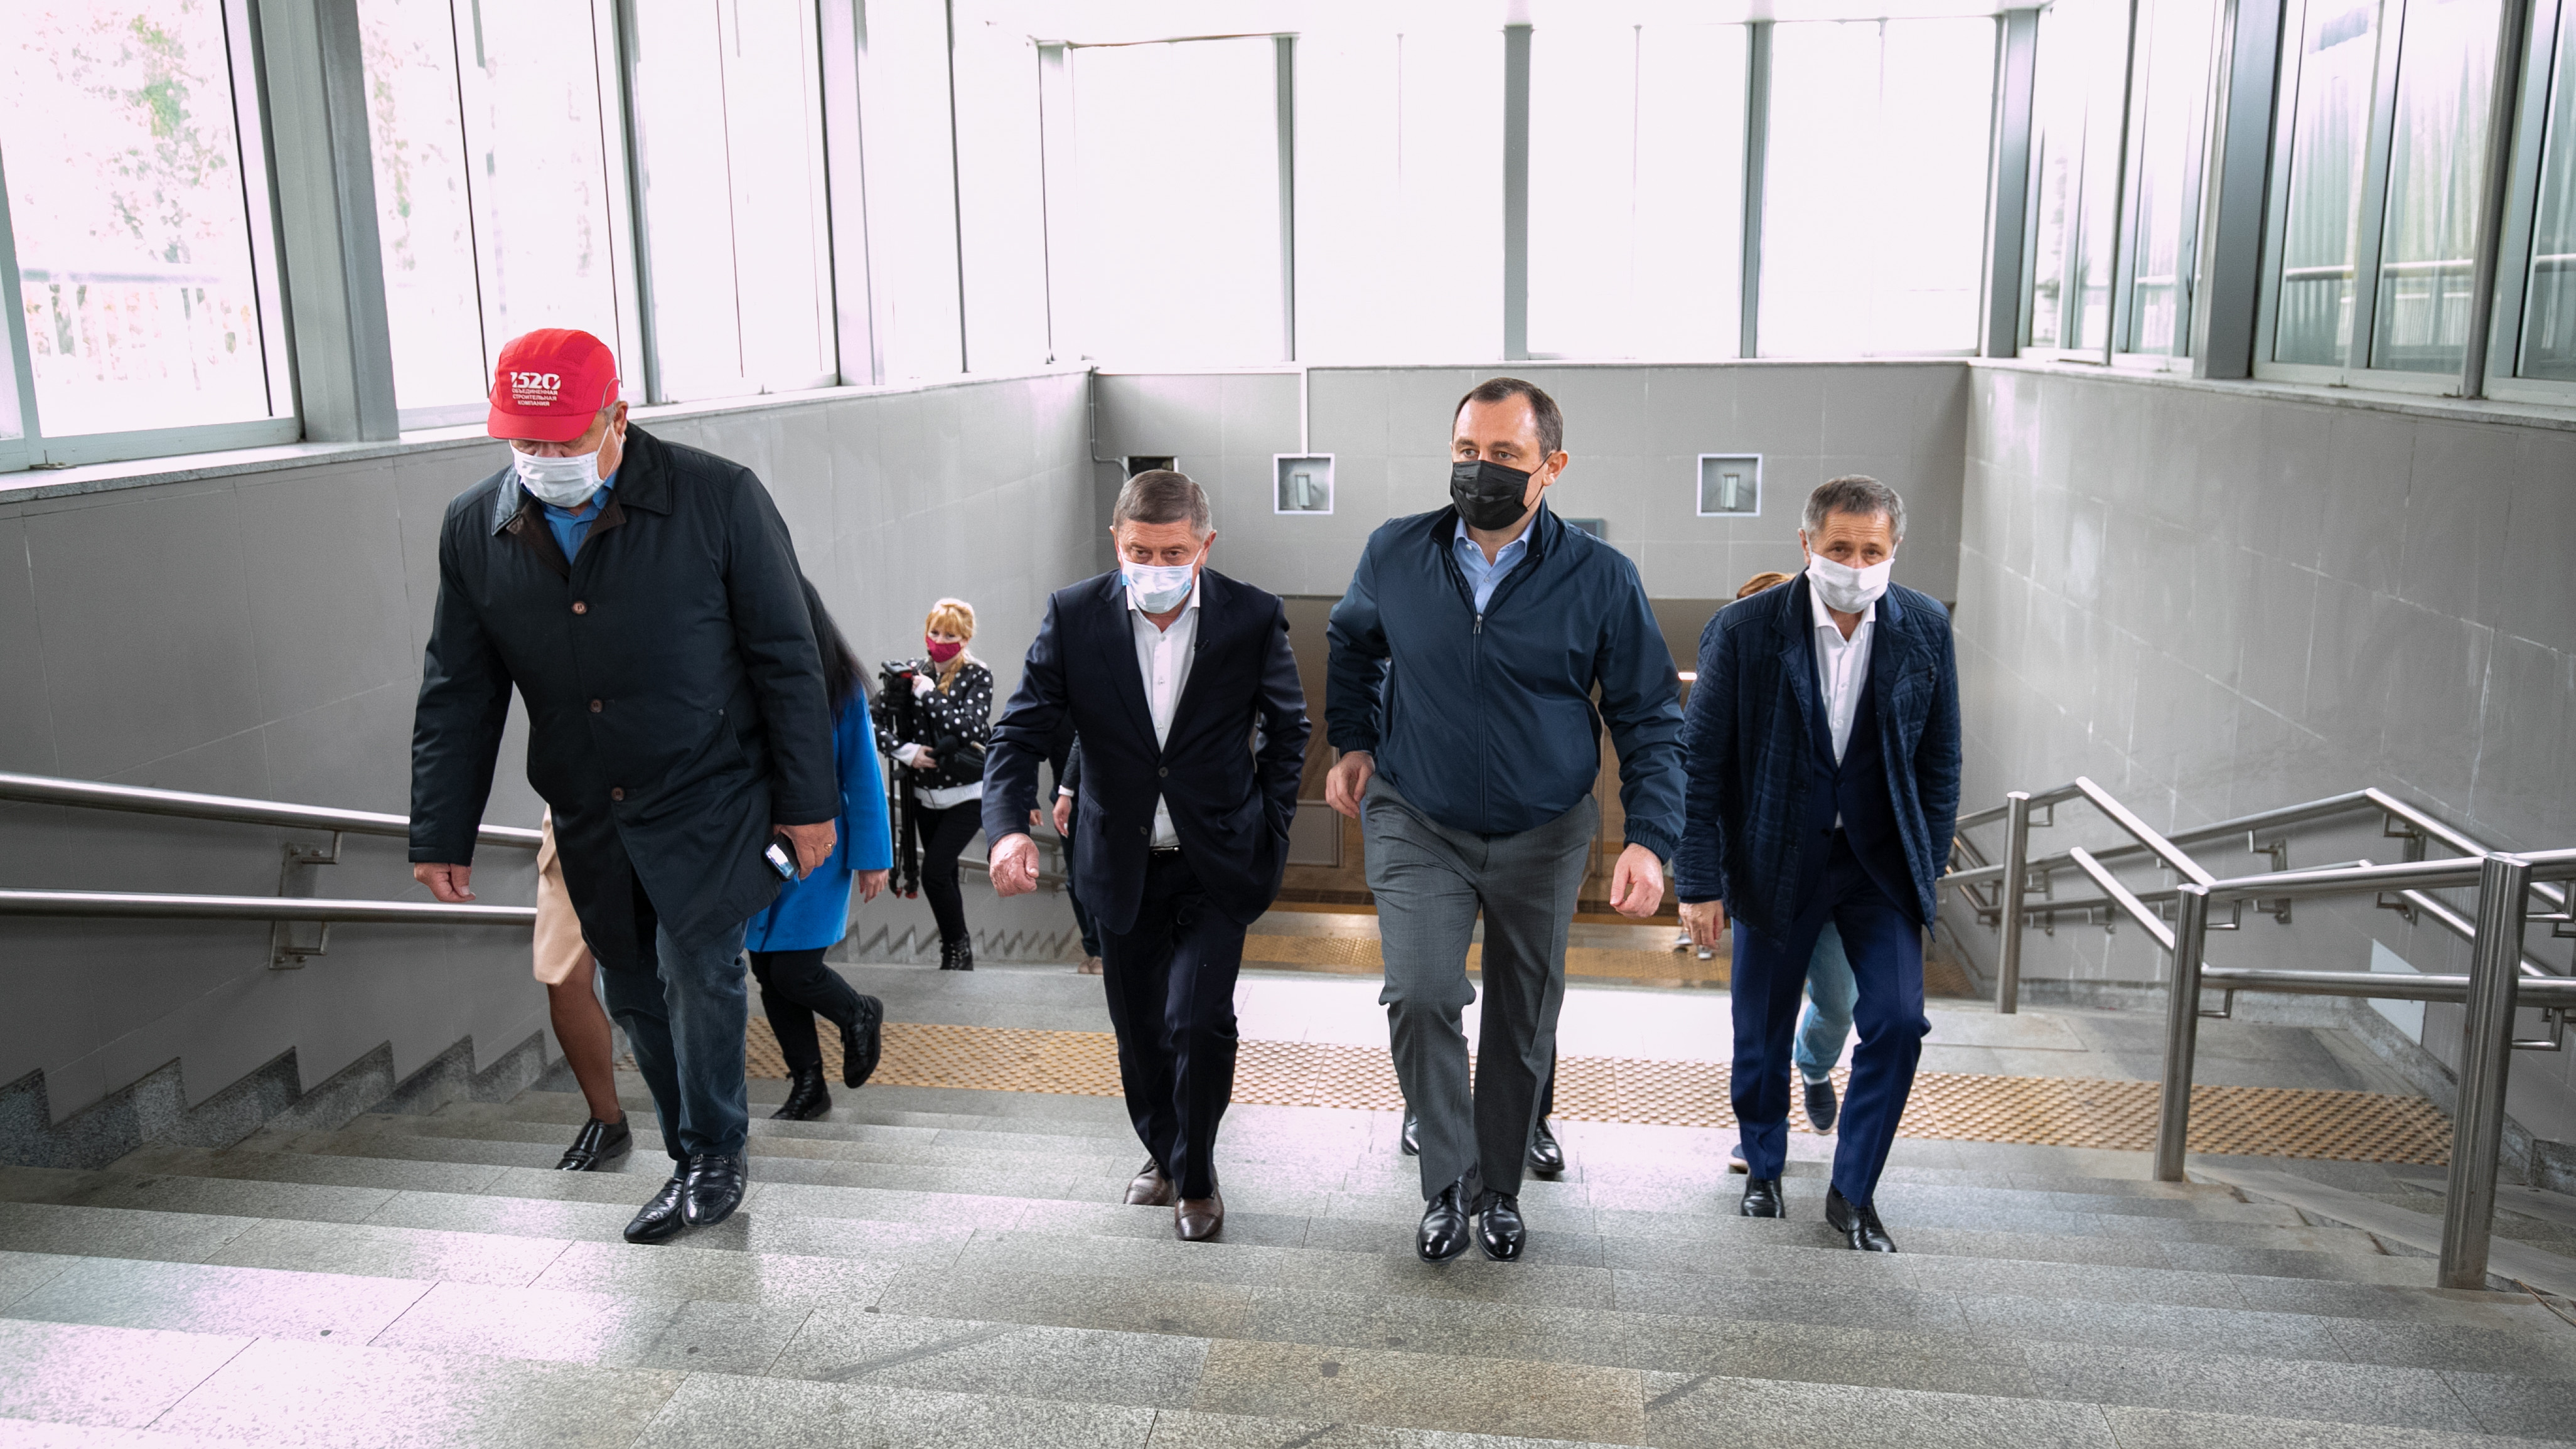 Игорь Брынцалов проверил соблюдение мер санитарно-эпидемиологической безопасности на станции «Реутово»